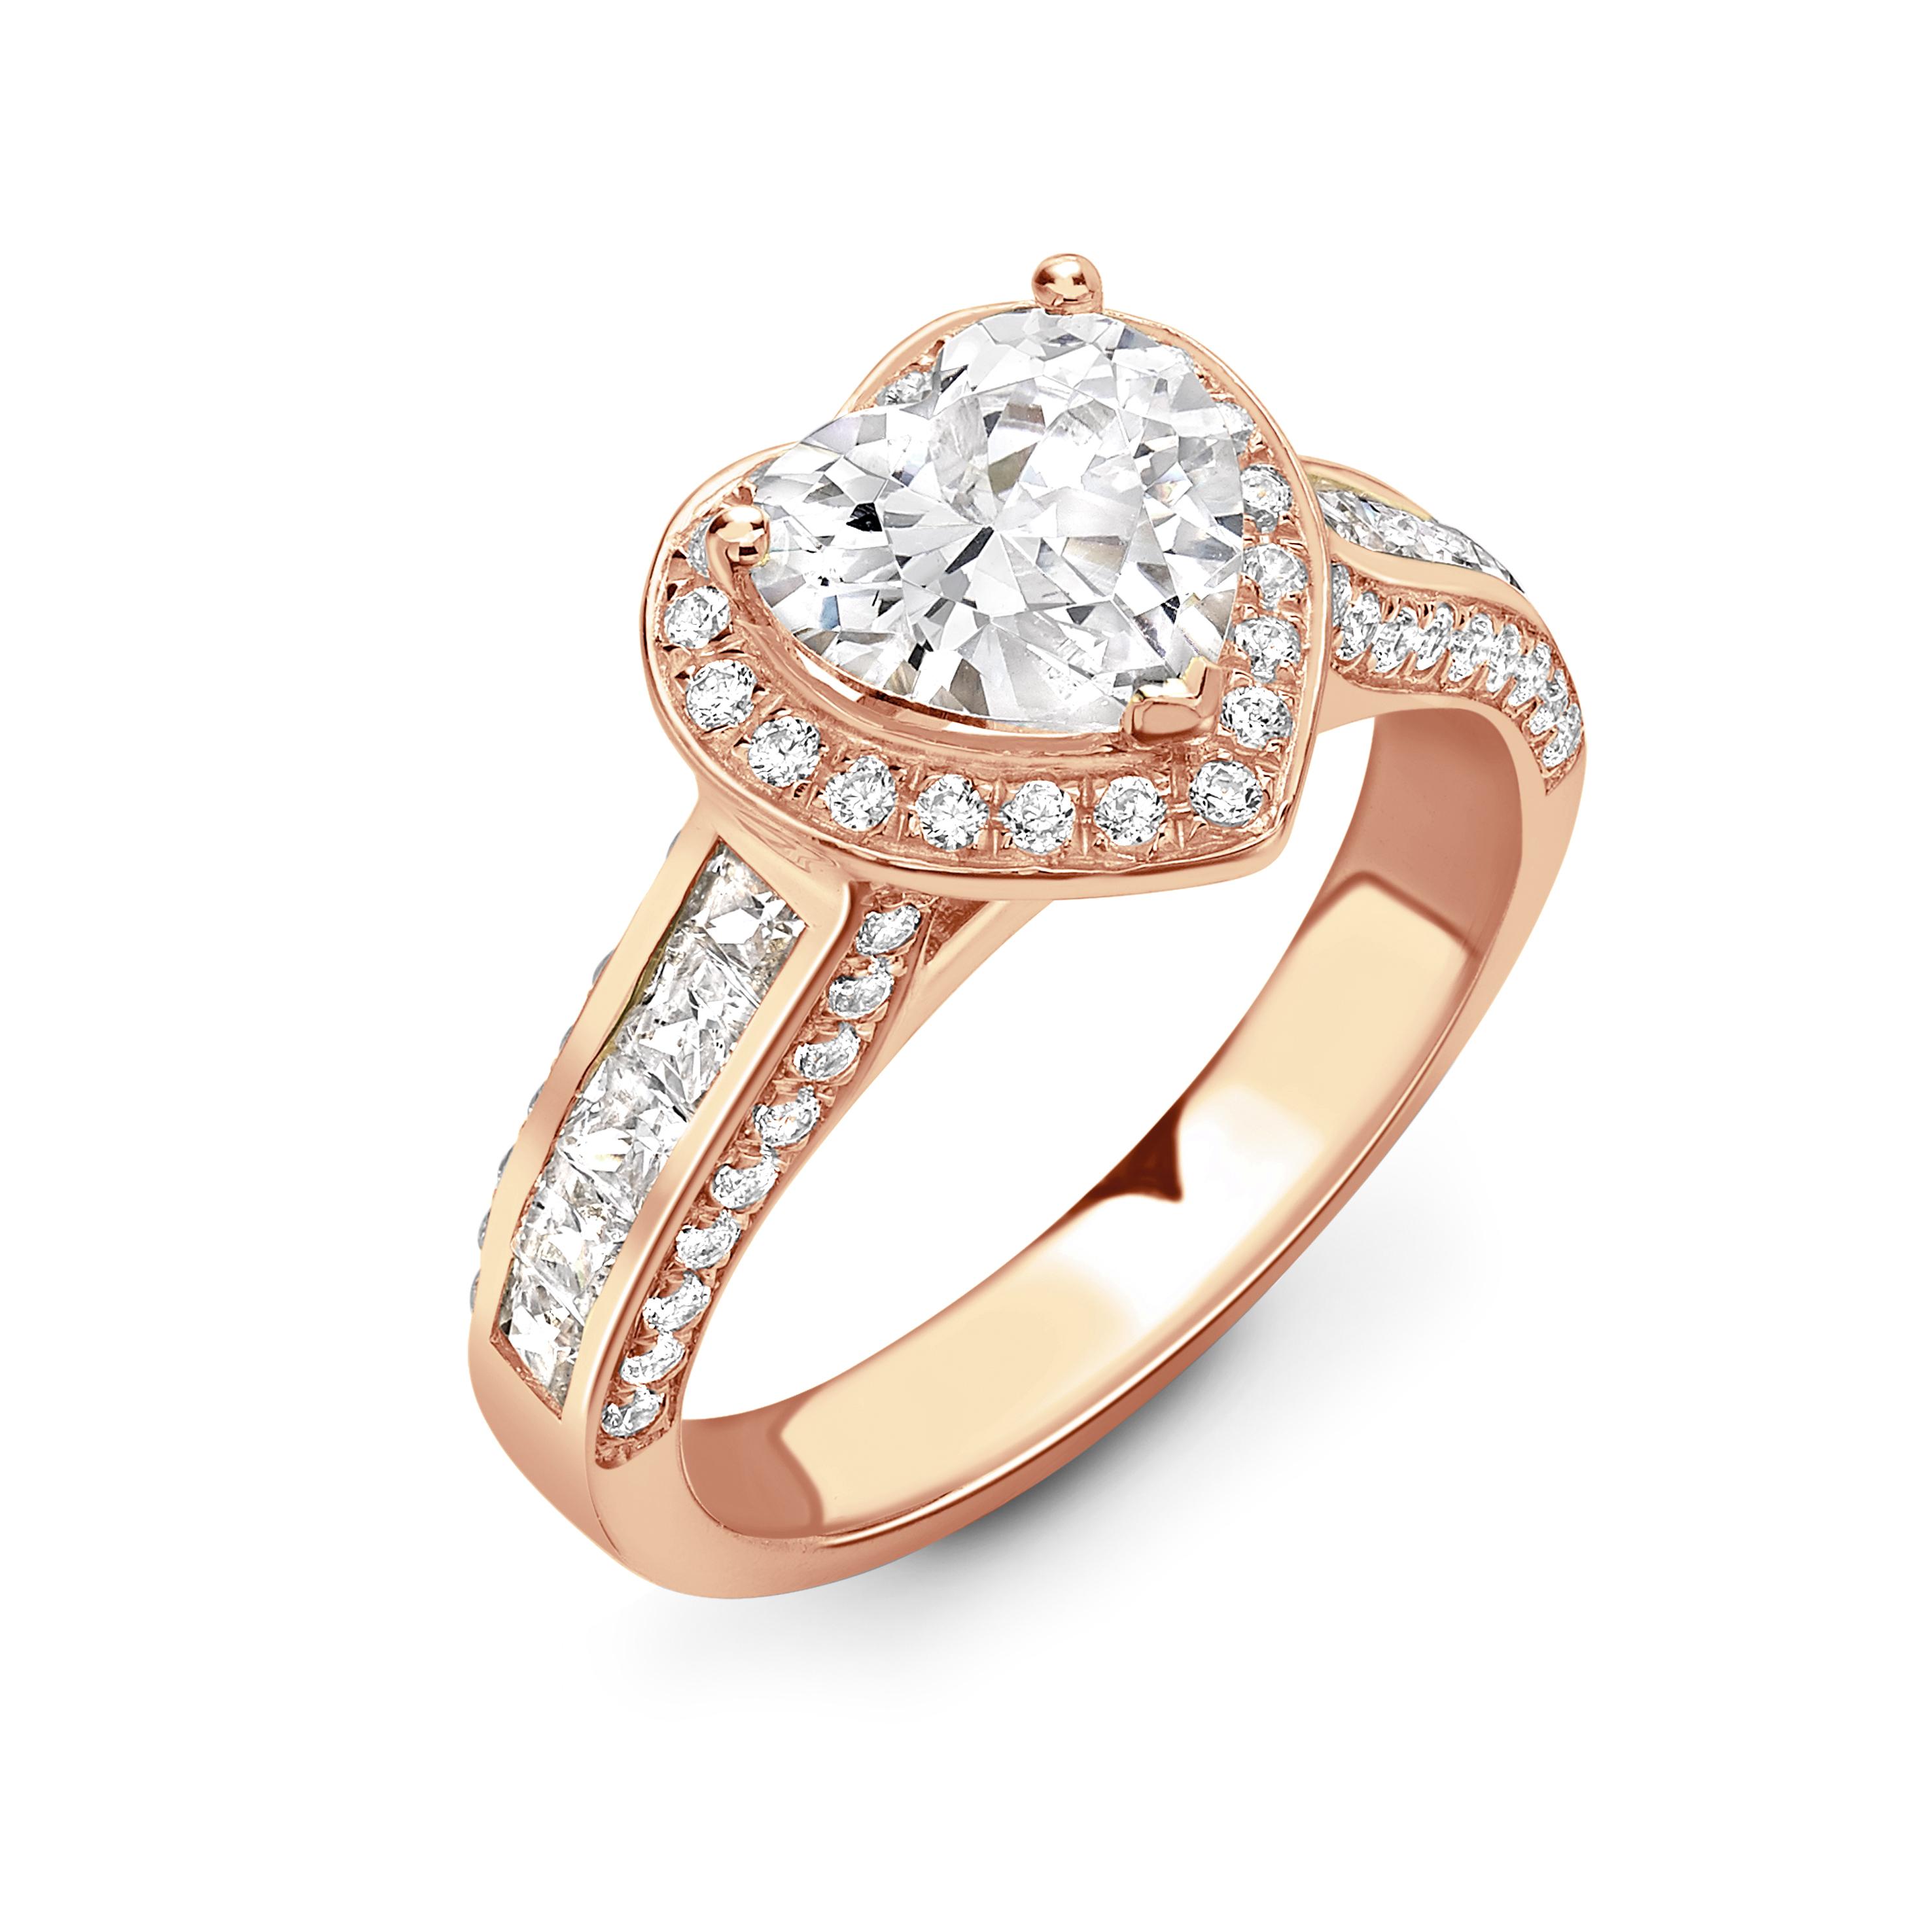 072849c72f4c7 Buy Round Shape Unique Baguette Diamond on Shoulder Halo Diamond ...